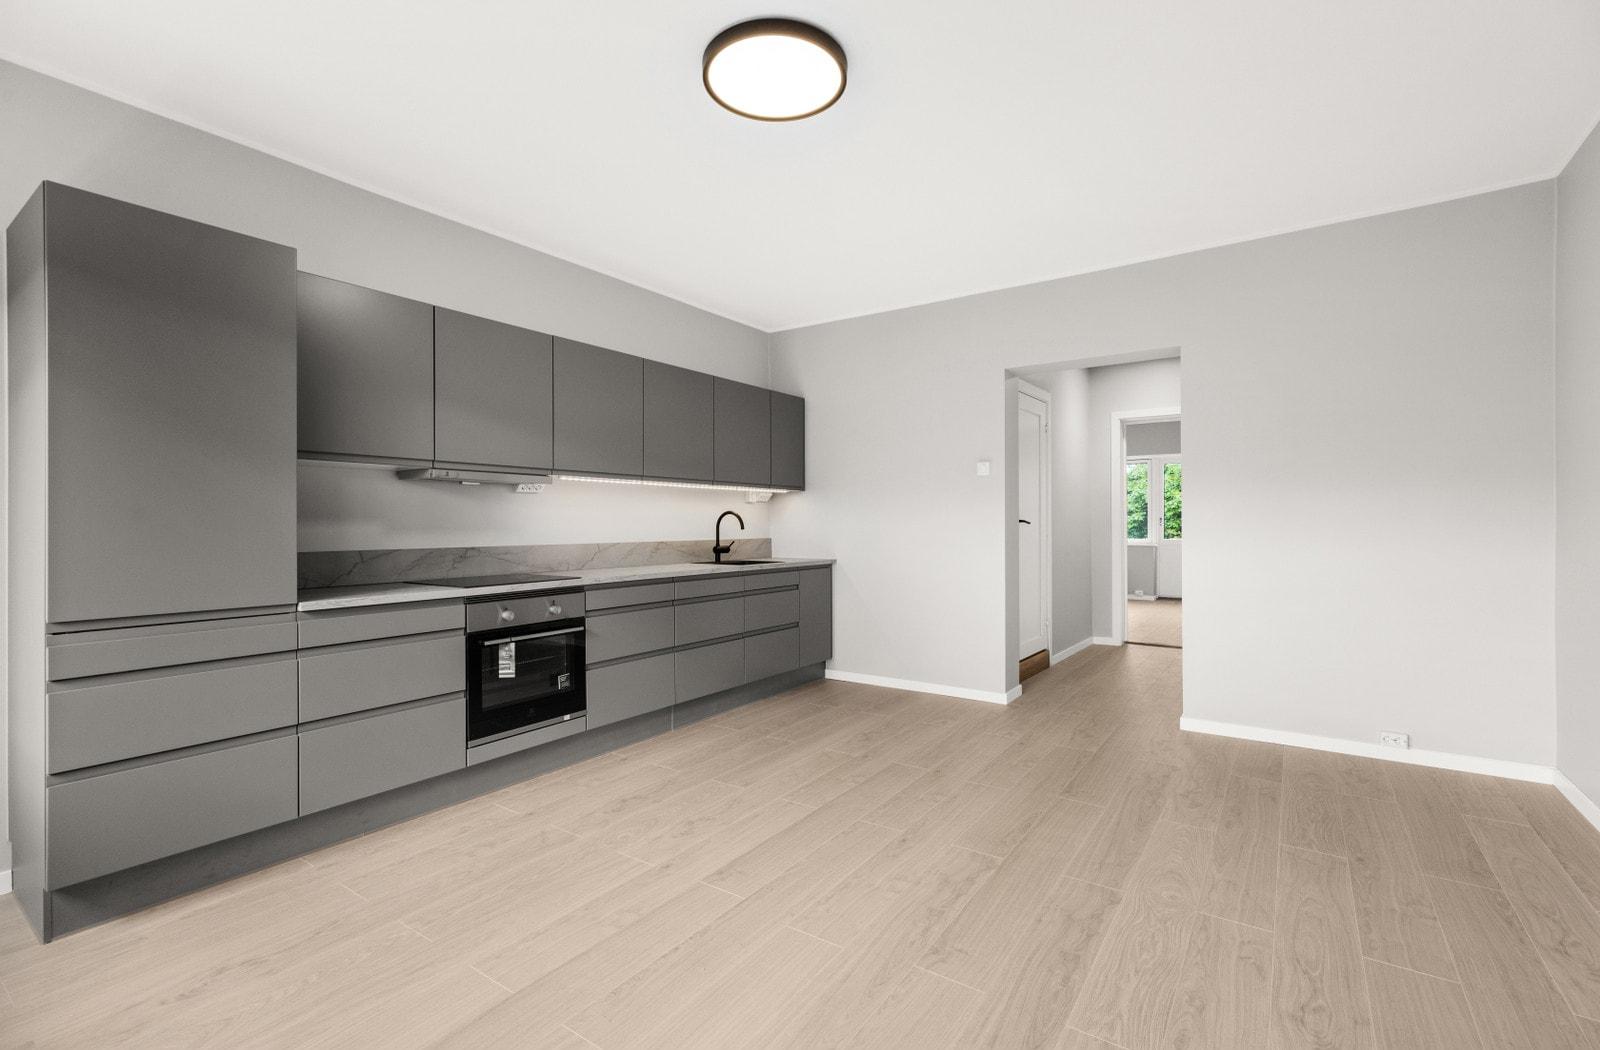 Kjøkken/stue (Bilder av tilsvarende leilighet i 5 etasje)